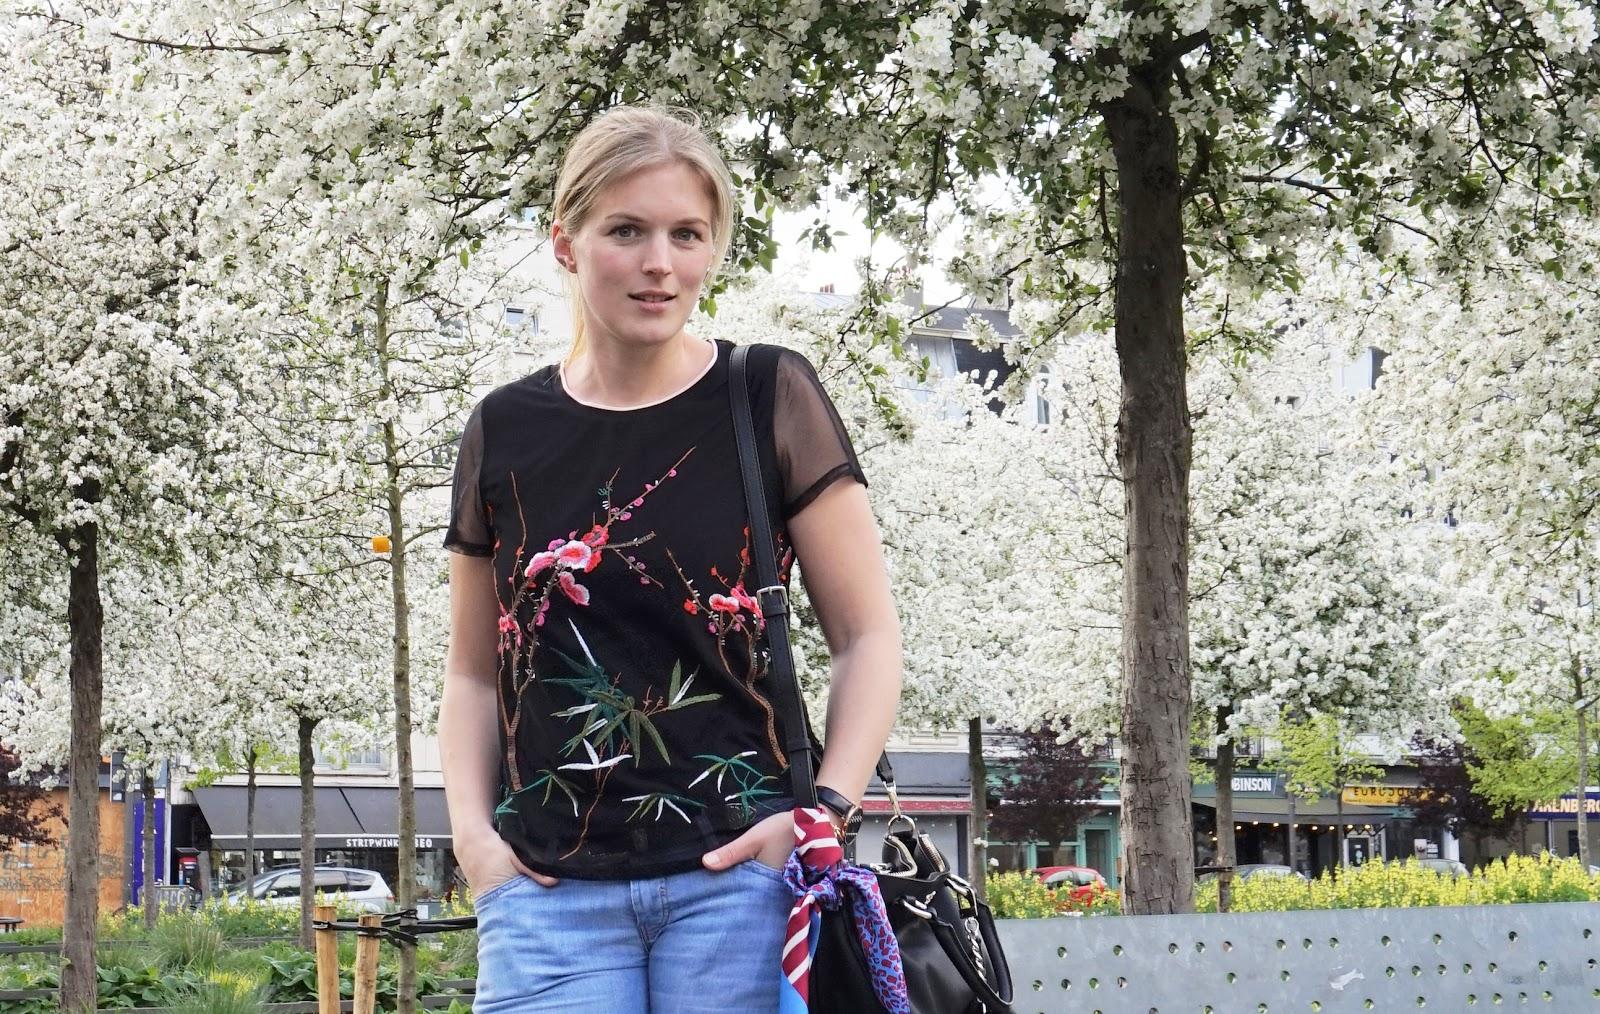 DSC05713 | Eline Van Dingenen